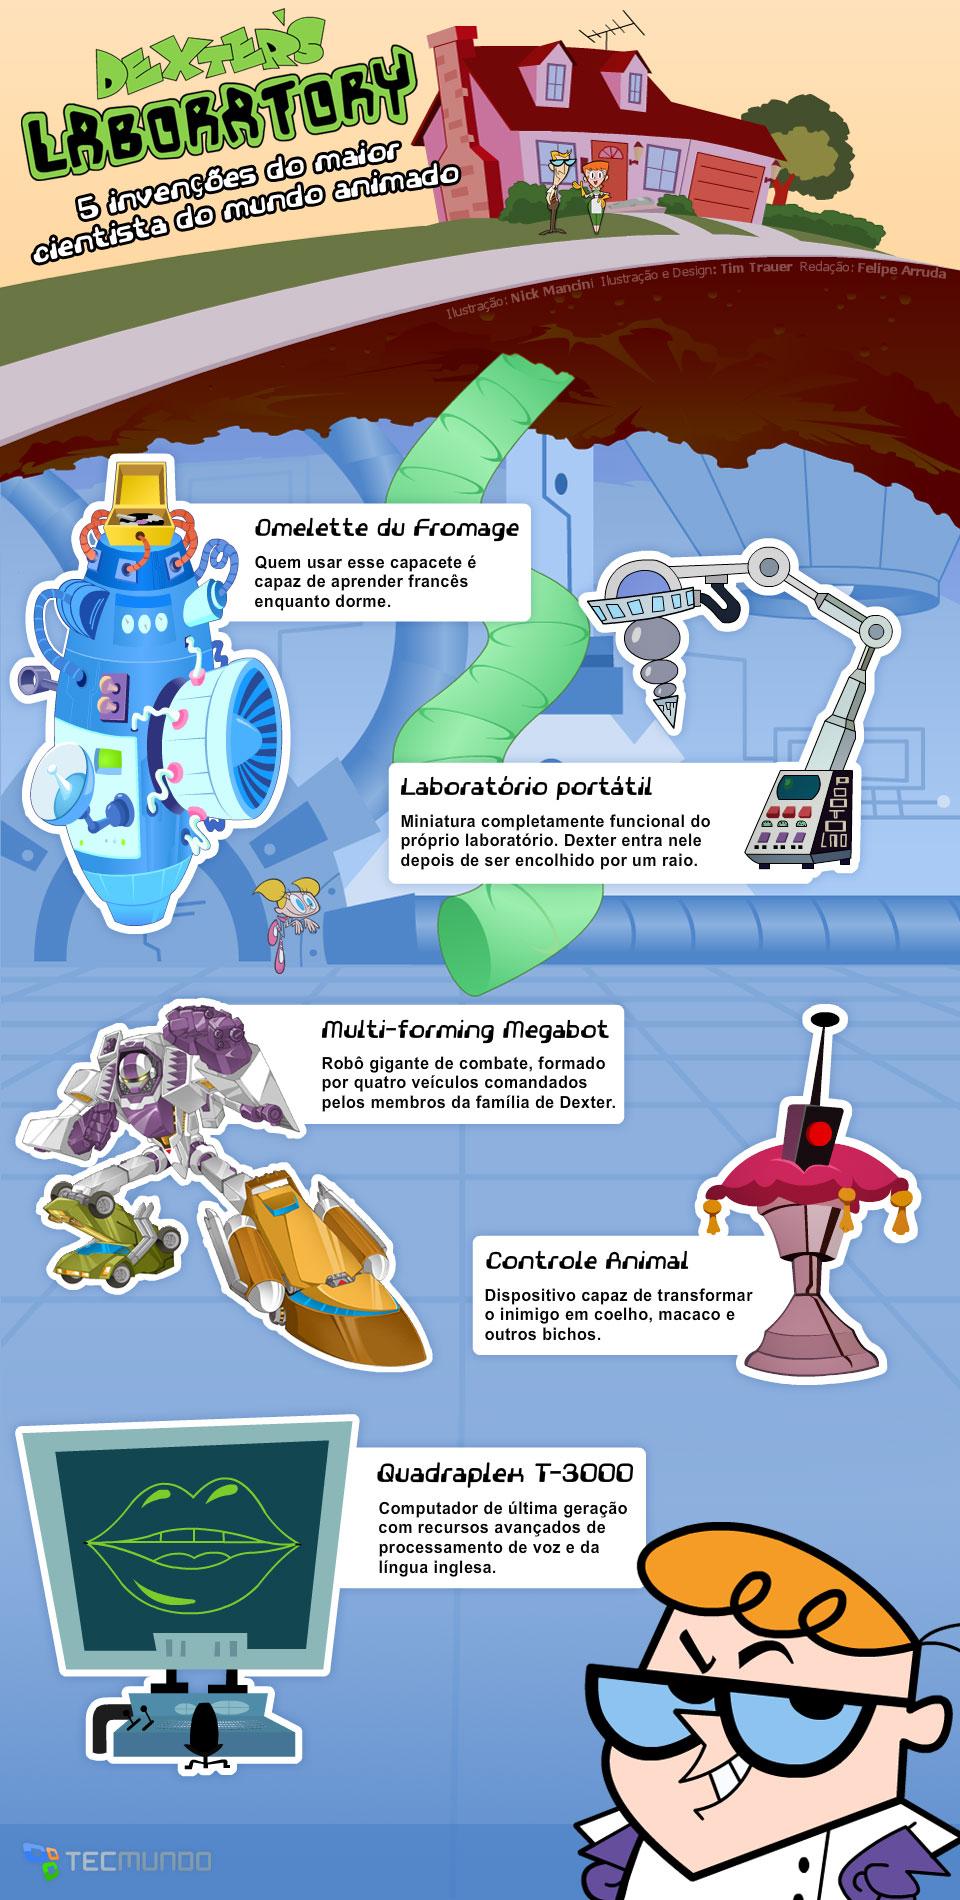 Dexter, o maior inventor de todos os tempos [infográfico]